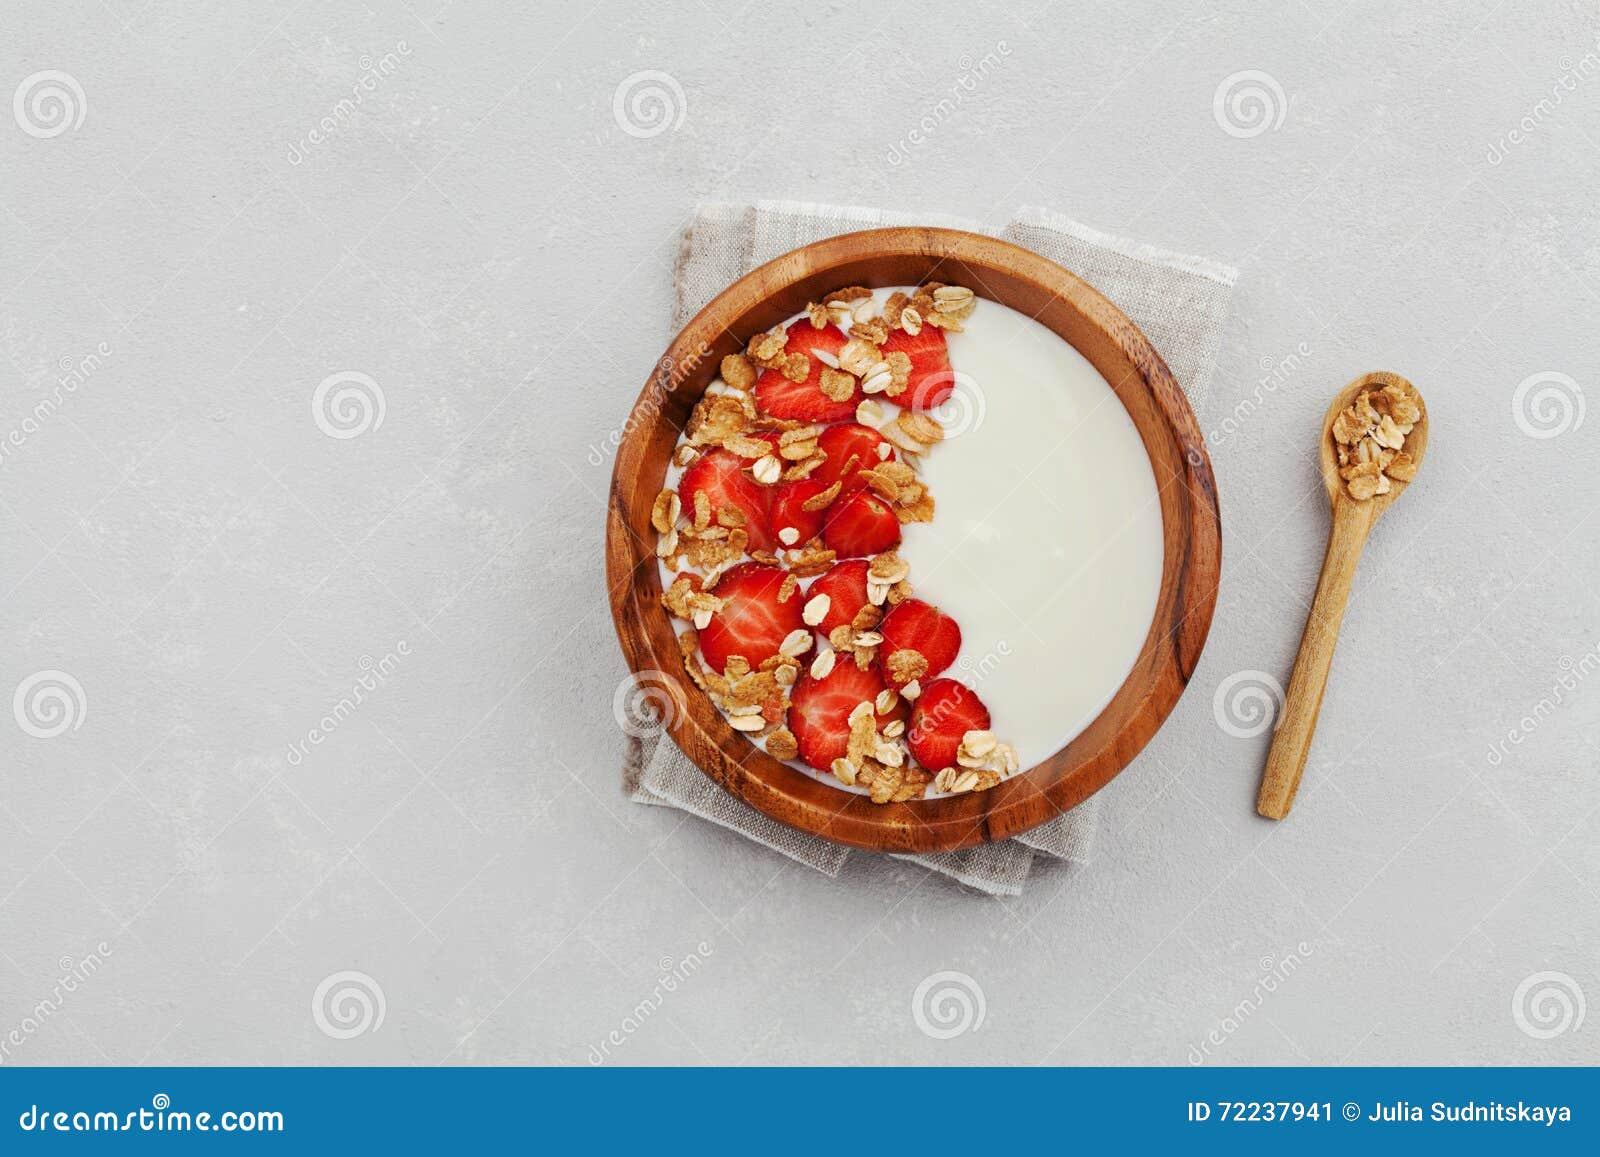 Σπιτικό γιαούρτι στο ξύλινο κύπελλο με τη φράουλα και το granola ή muesli στον ελαφρύ πίνακα, υγιές πρόγευμα άνωθεν